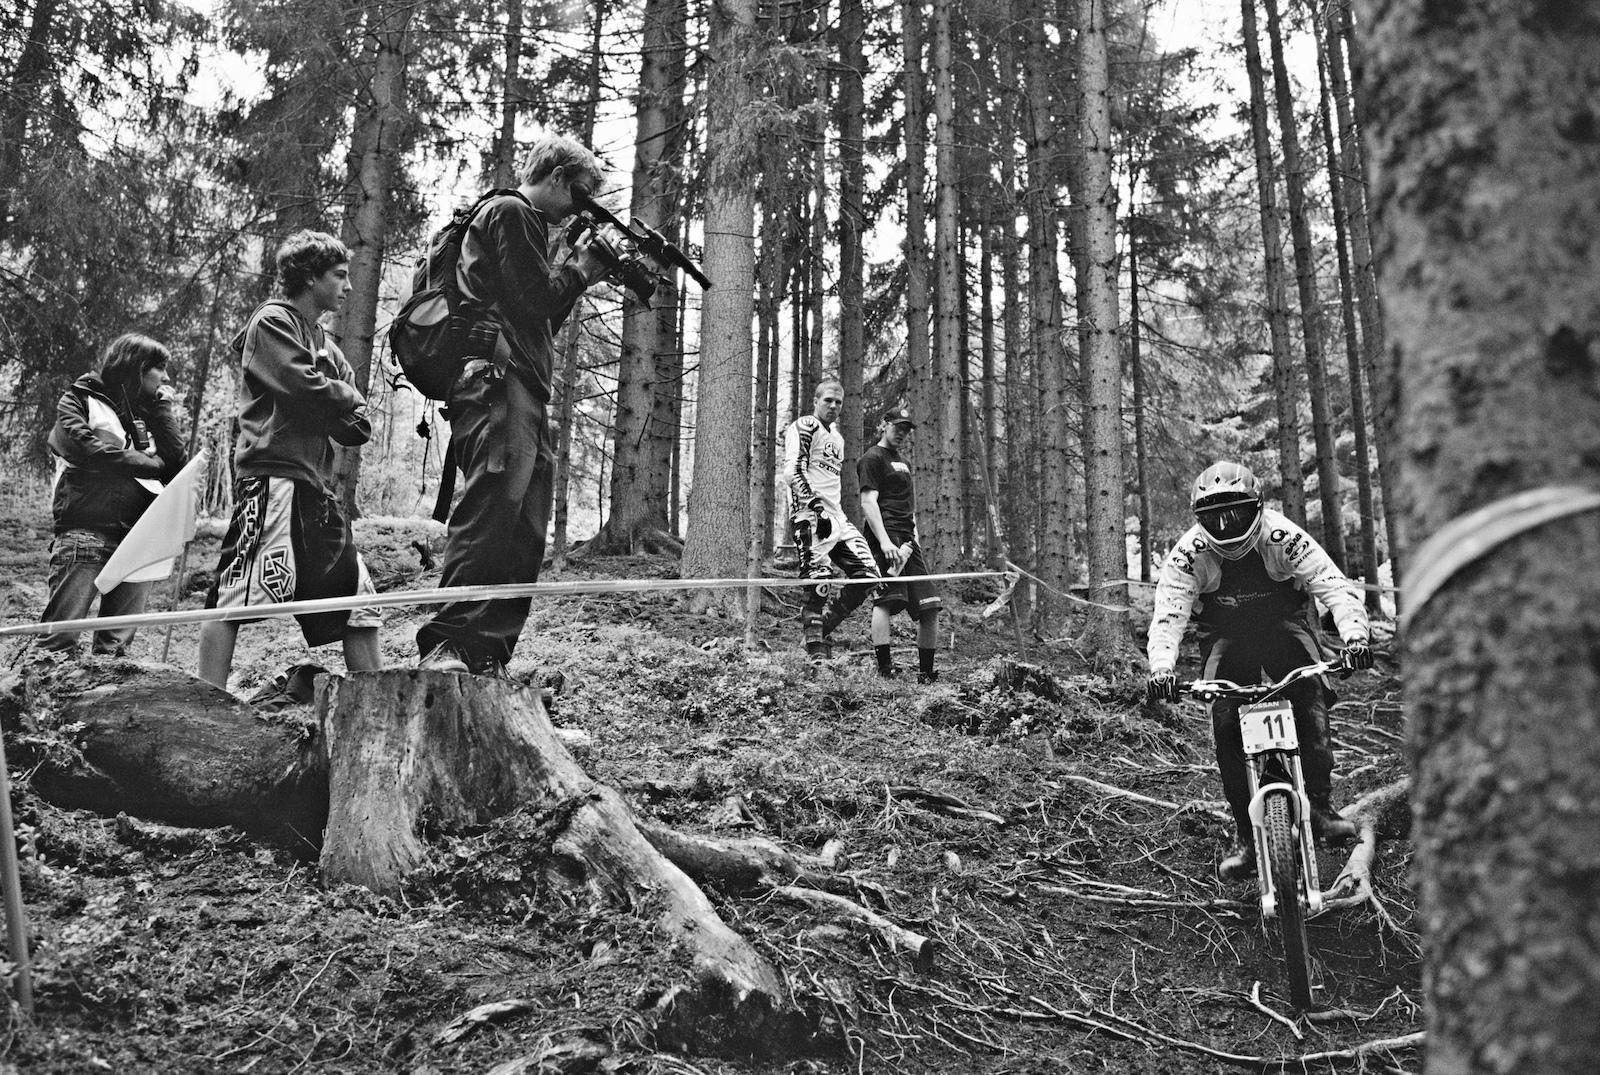 ... Team Saab Salomon on Q-Bikes